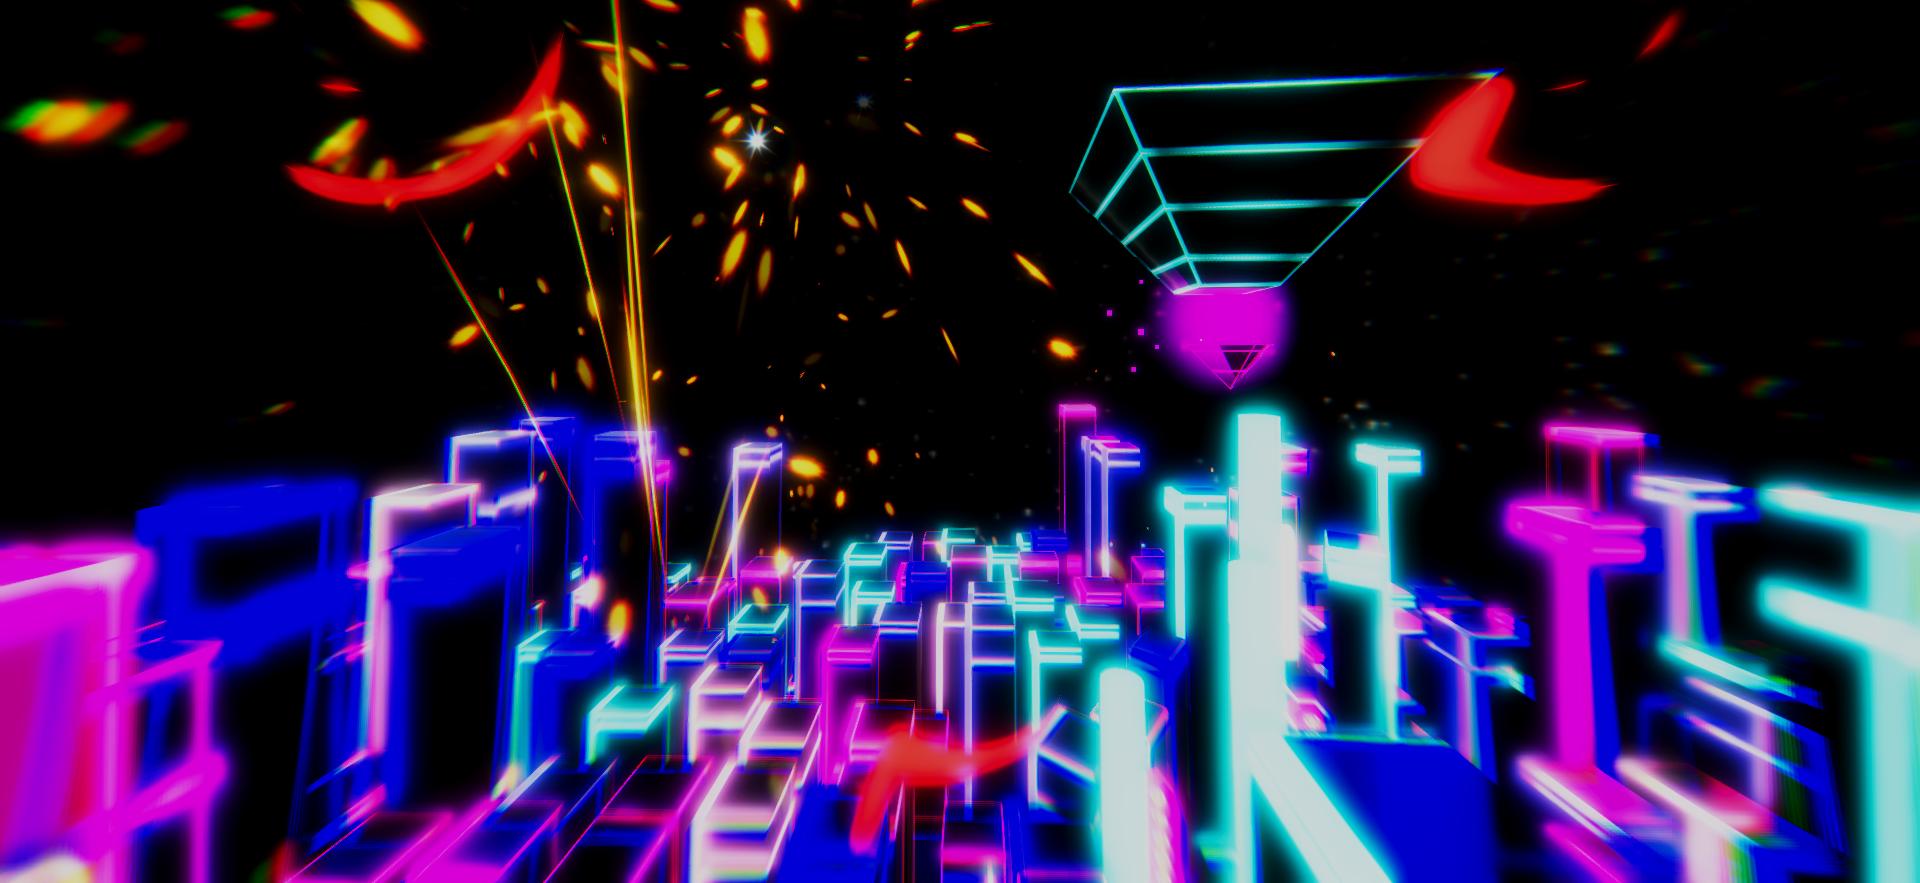 Chromism VR